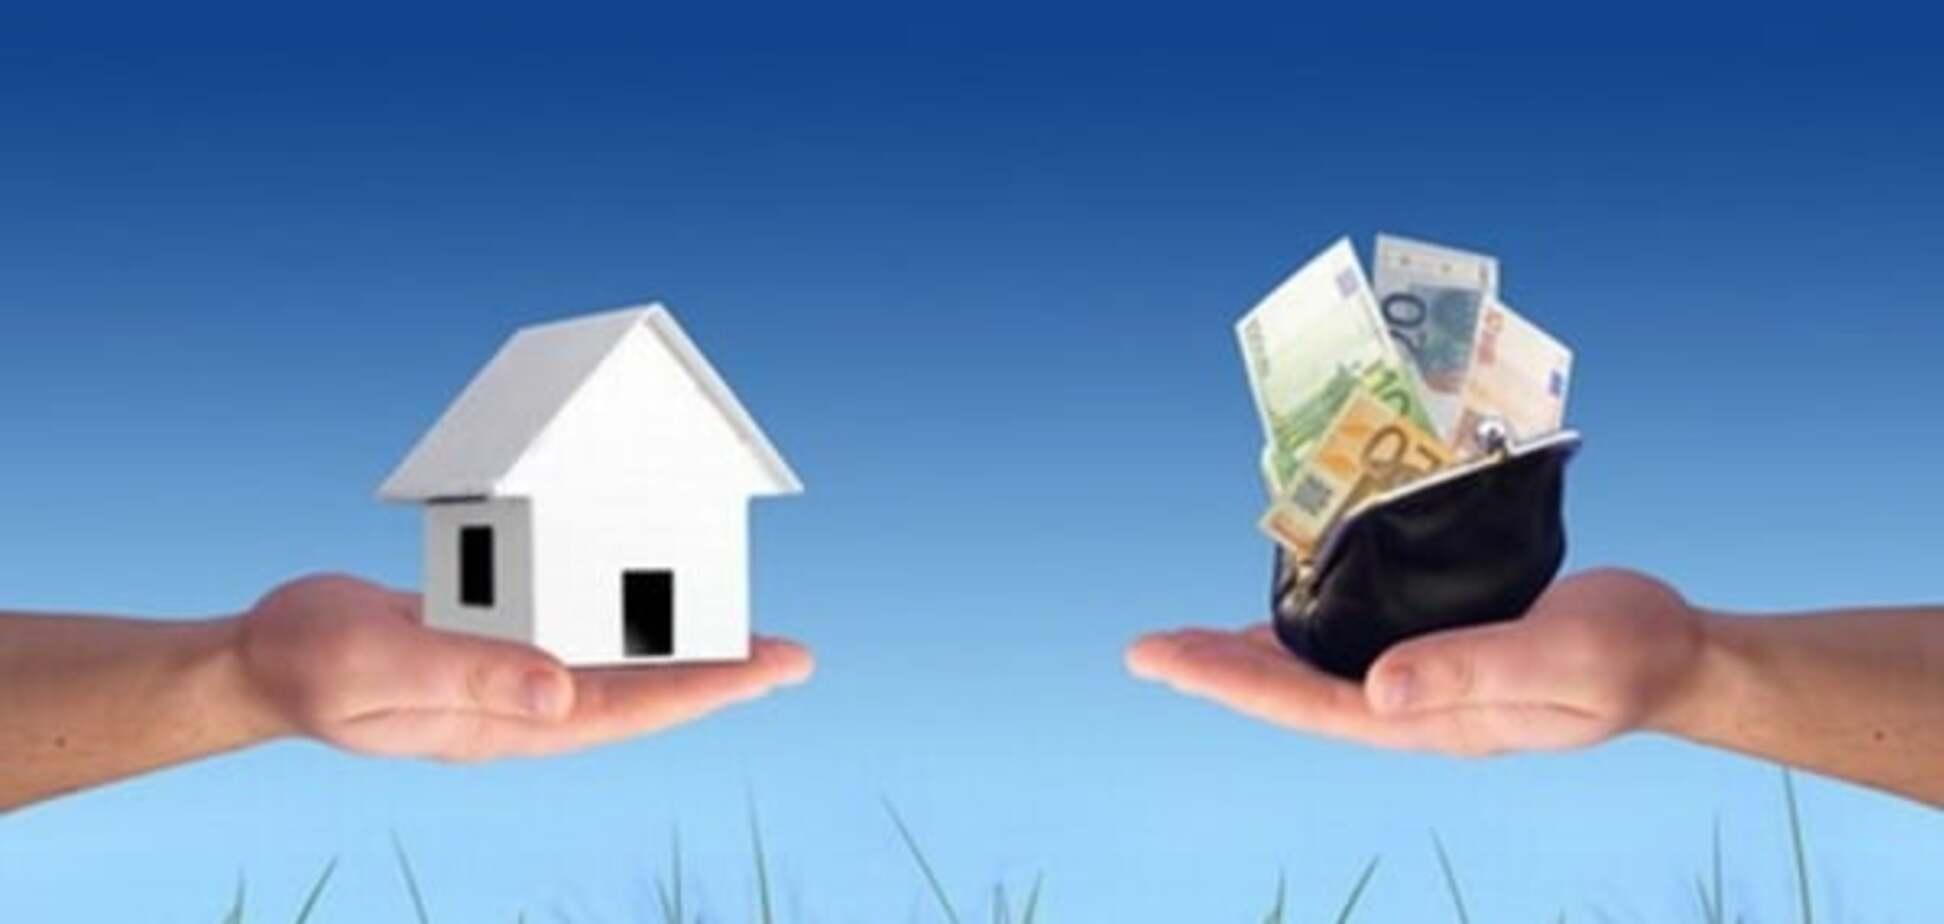 Рынок жилья в Украине обвалился до 20-летнего минимума - эксперт